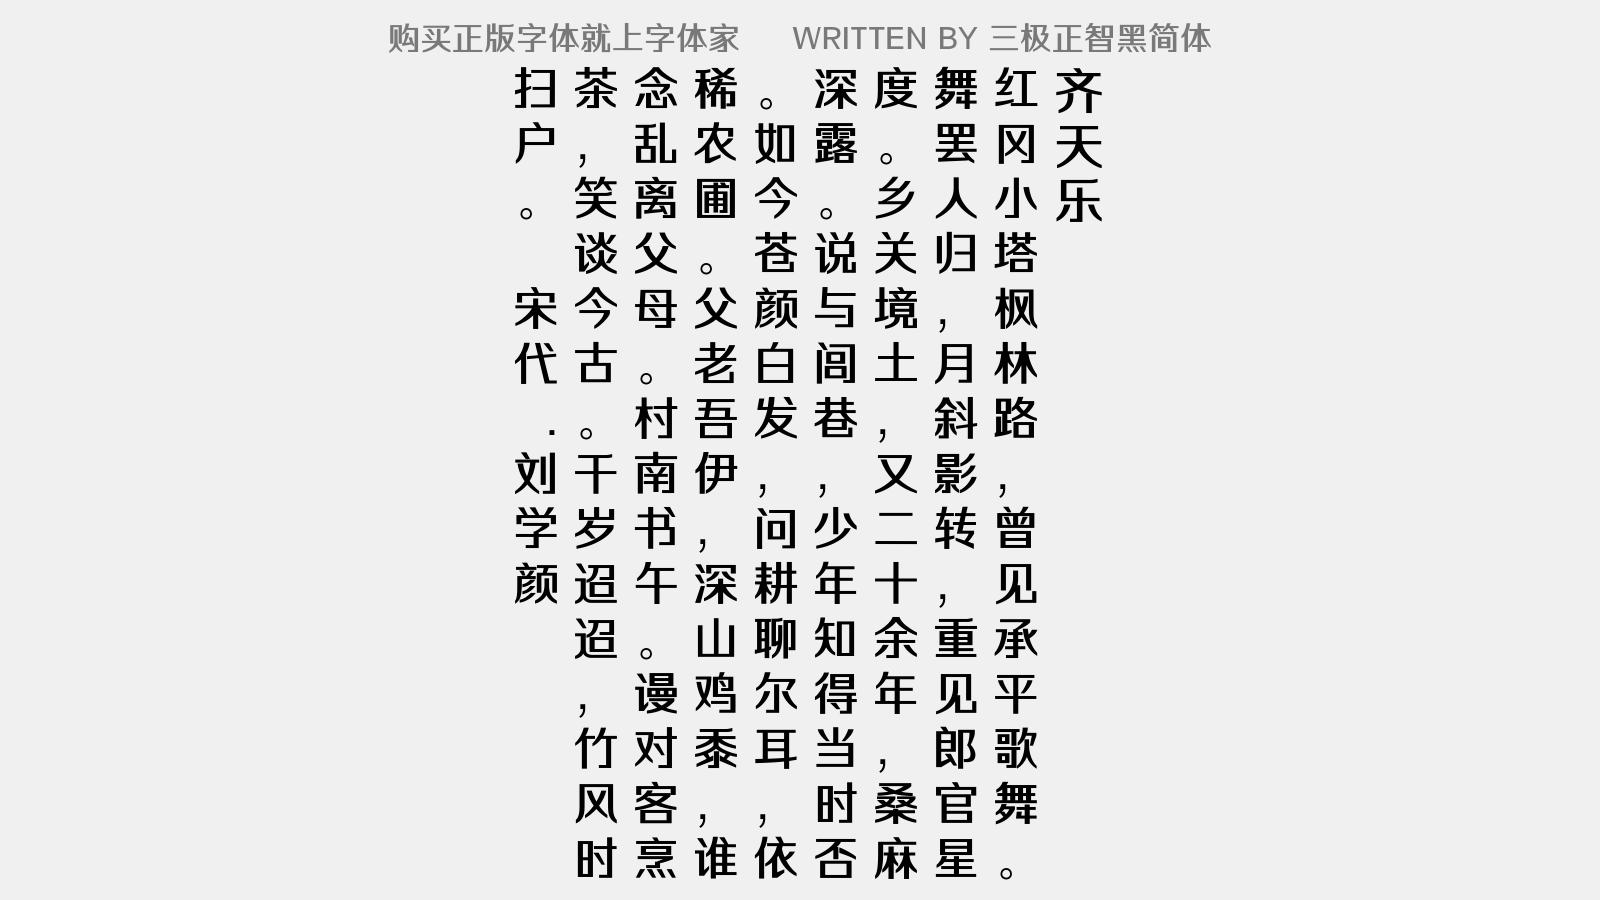 三極正智黑簡體 - 齊天樂(壽劉畊齊)